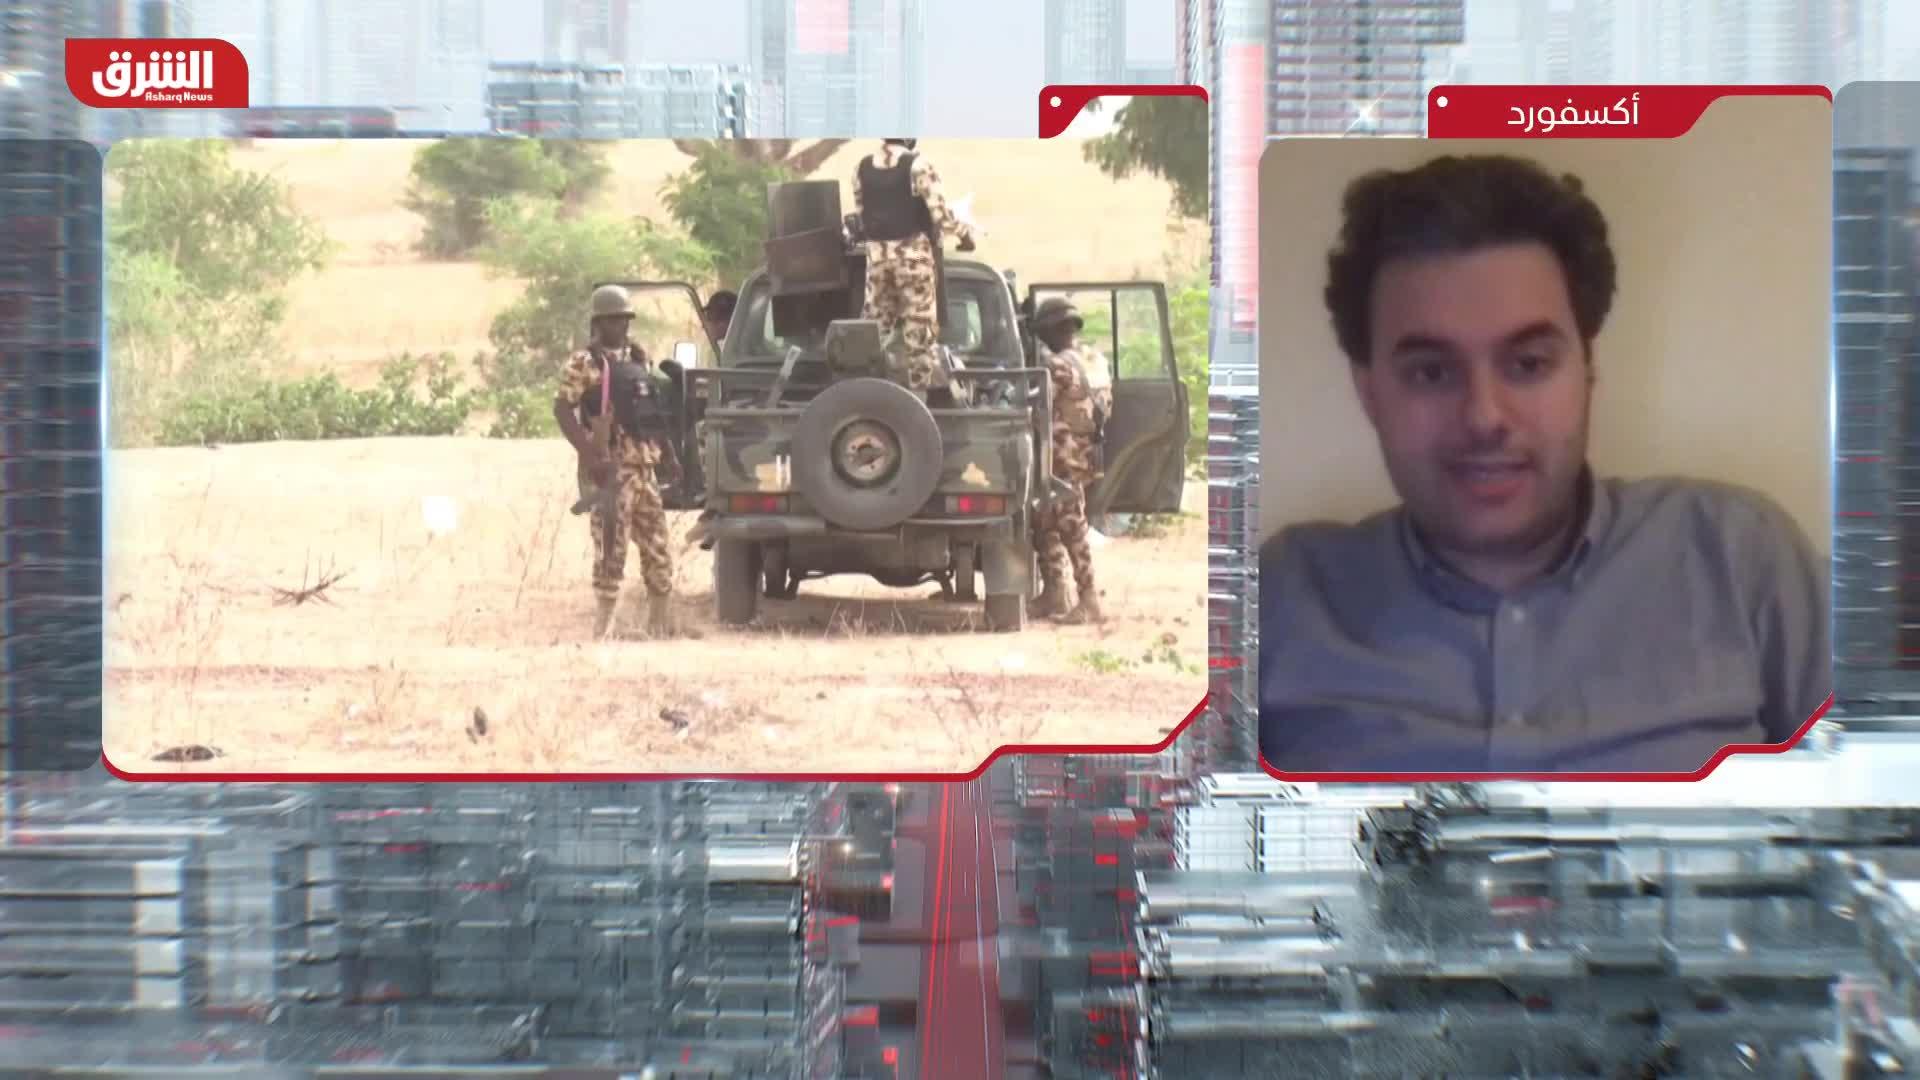 وفد عسكري نيجيري في مصر يبحث مسائل تنموية ودفاعية